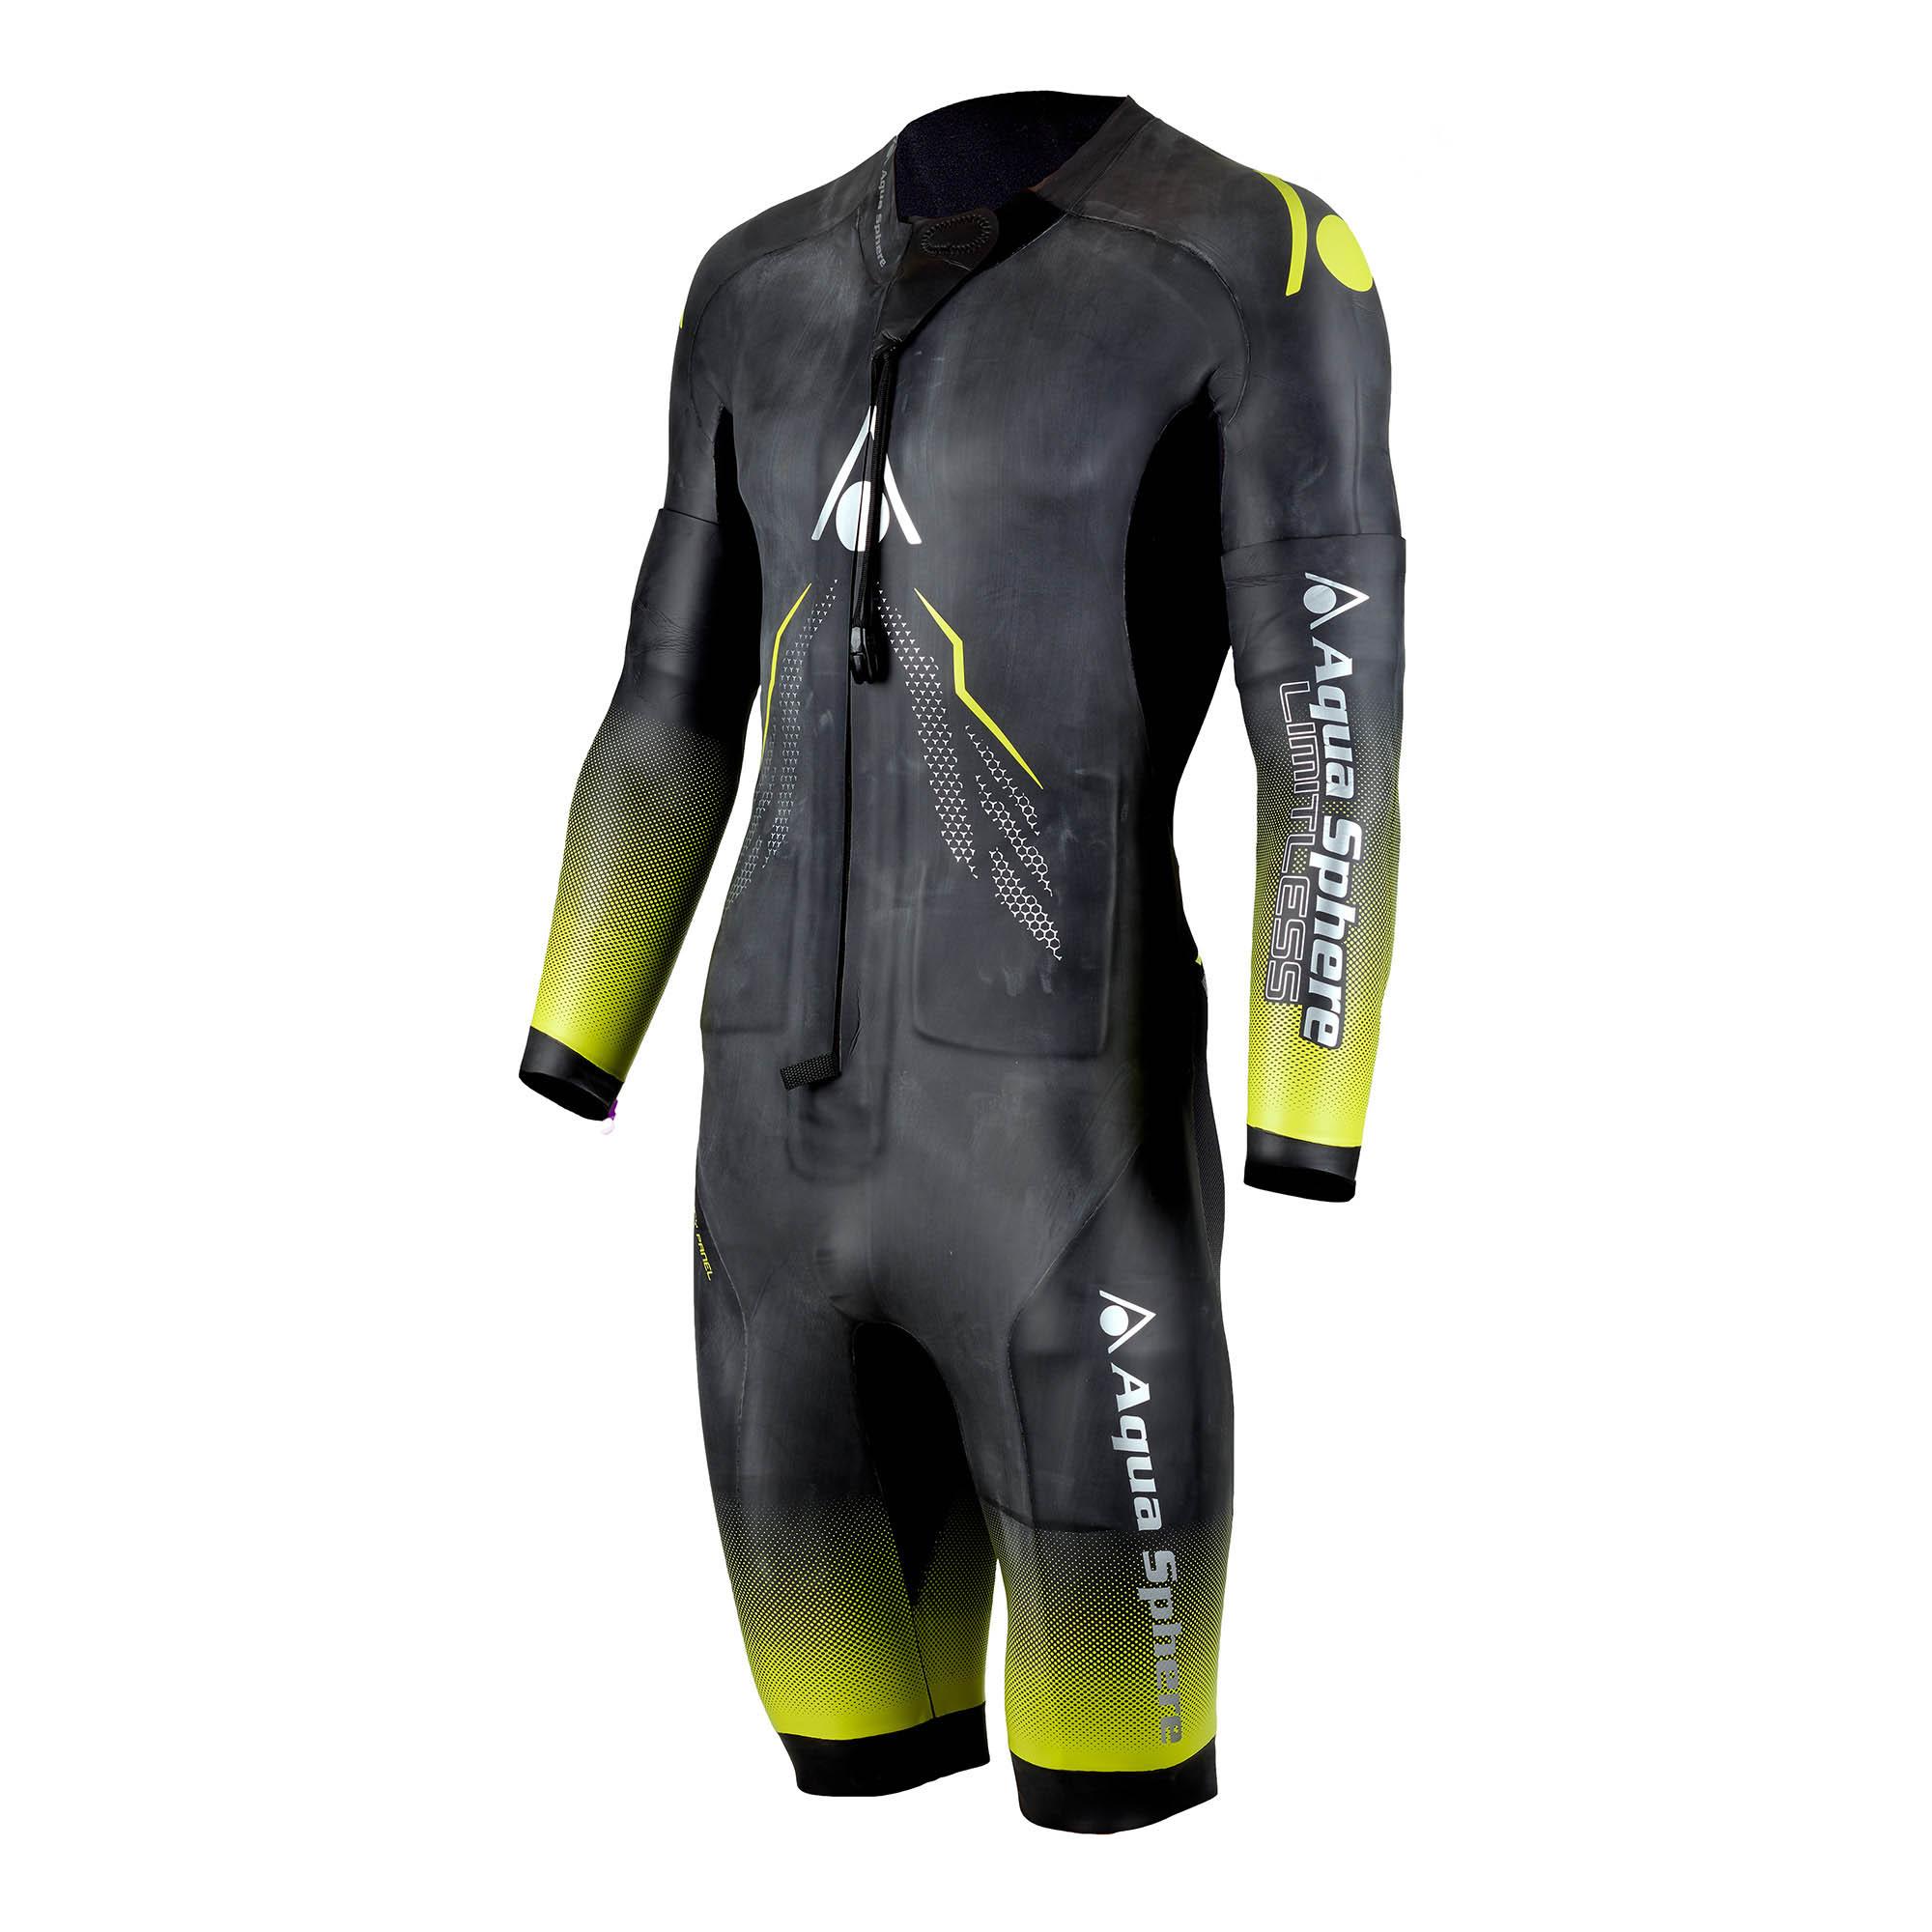 Гідрокостюми для плавання, триатлону і SwimRun